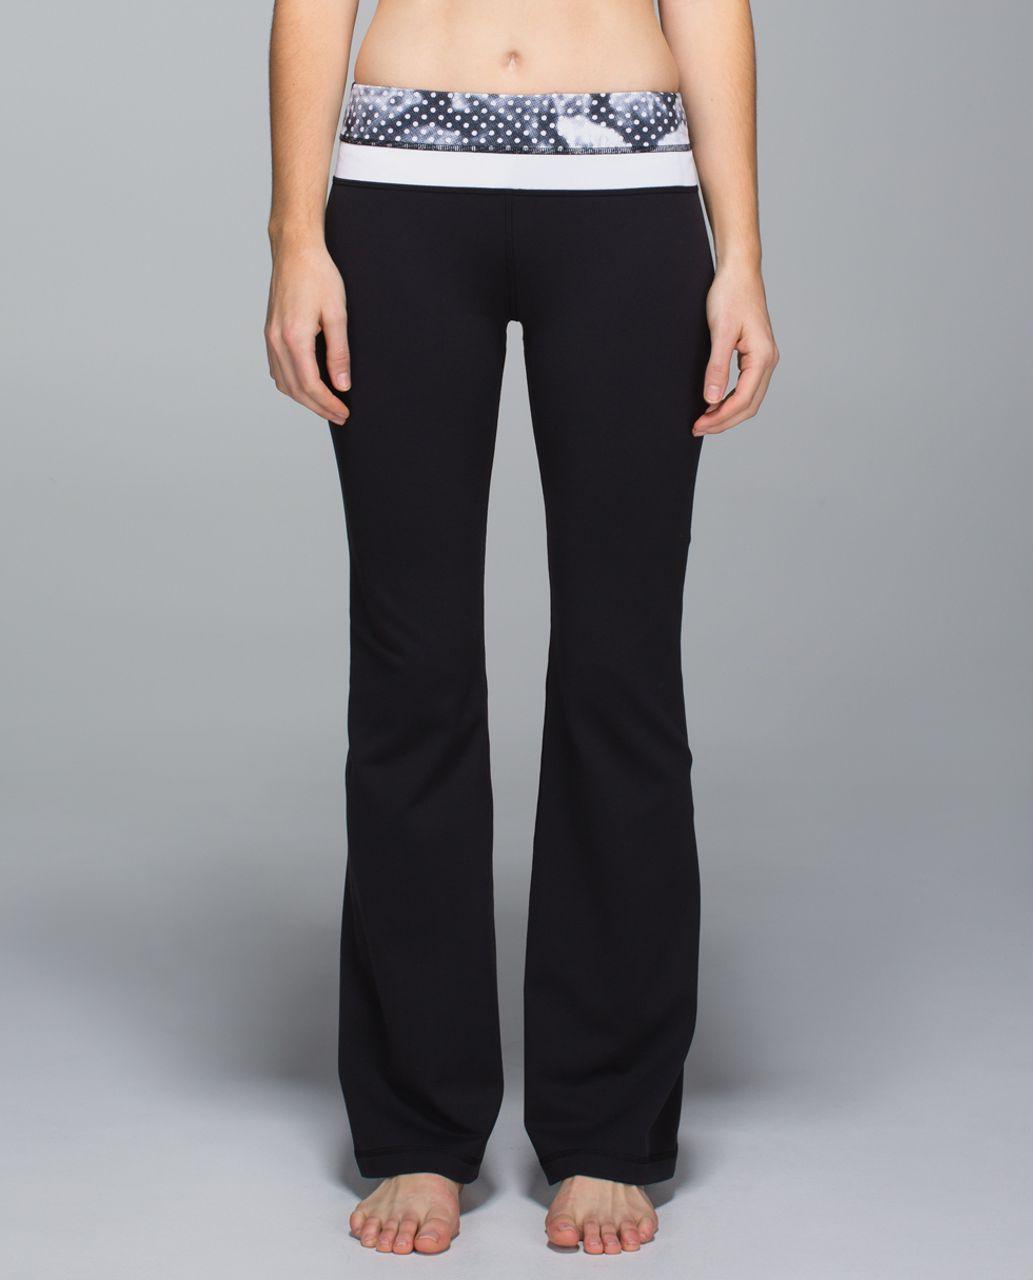 Lululemon Groove Pant *Full-On Luon (Regular) - Black / Dottie Dream Rose Neutral Blush Black / White